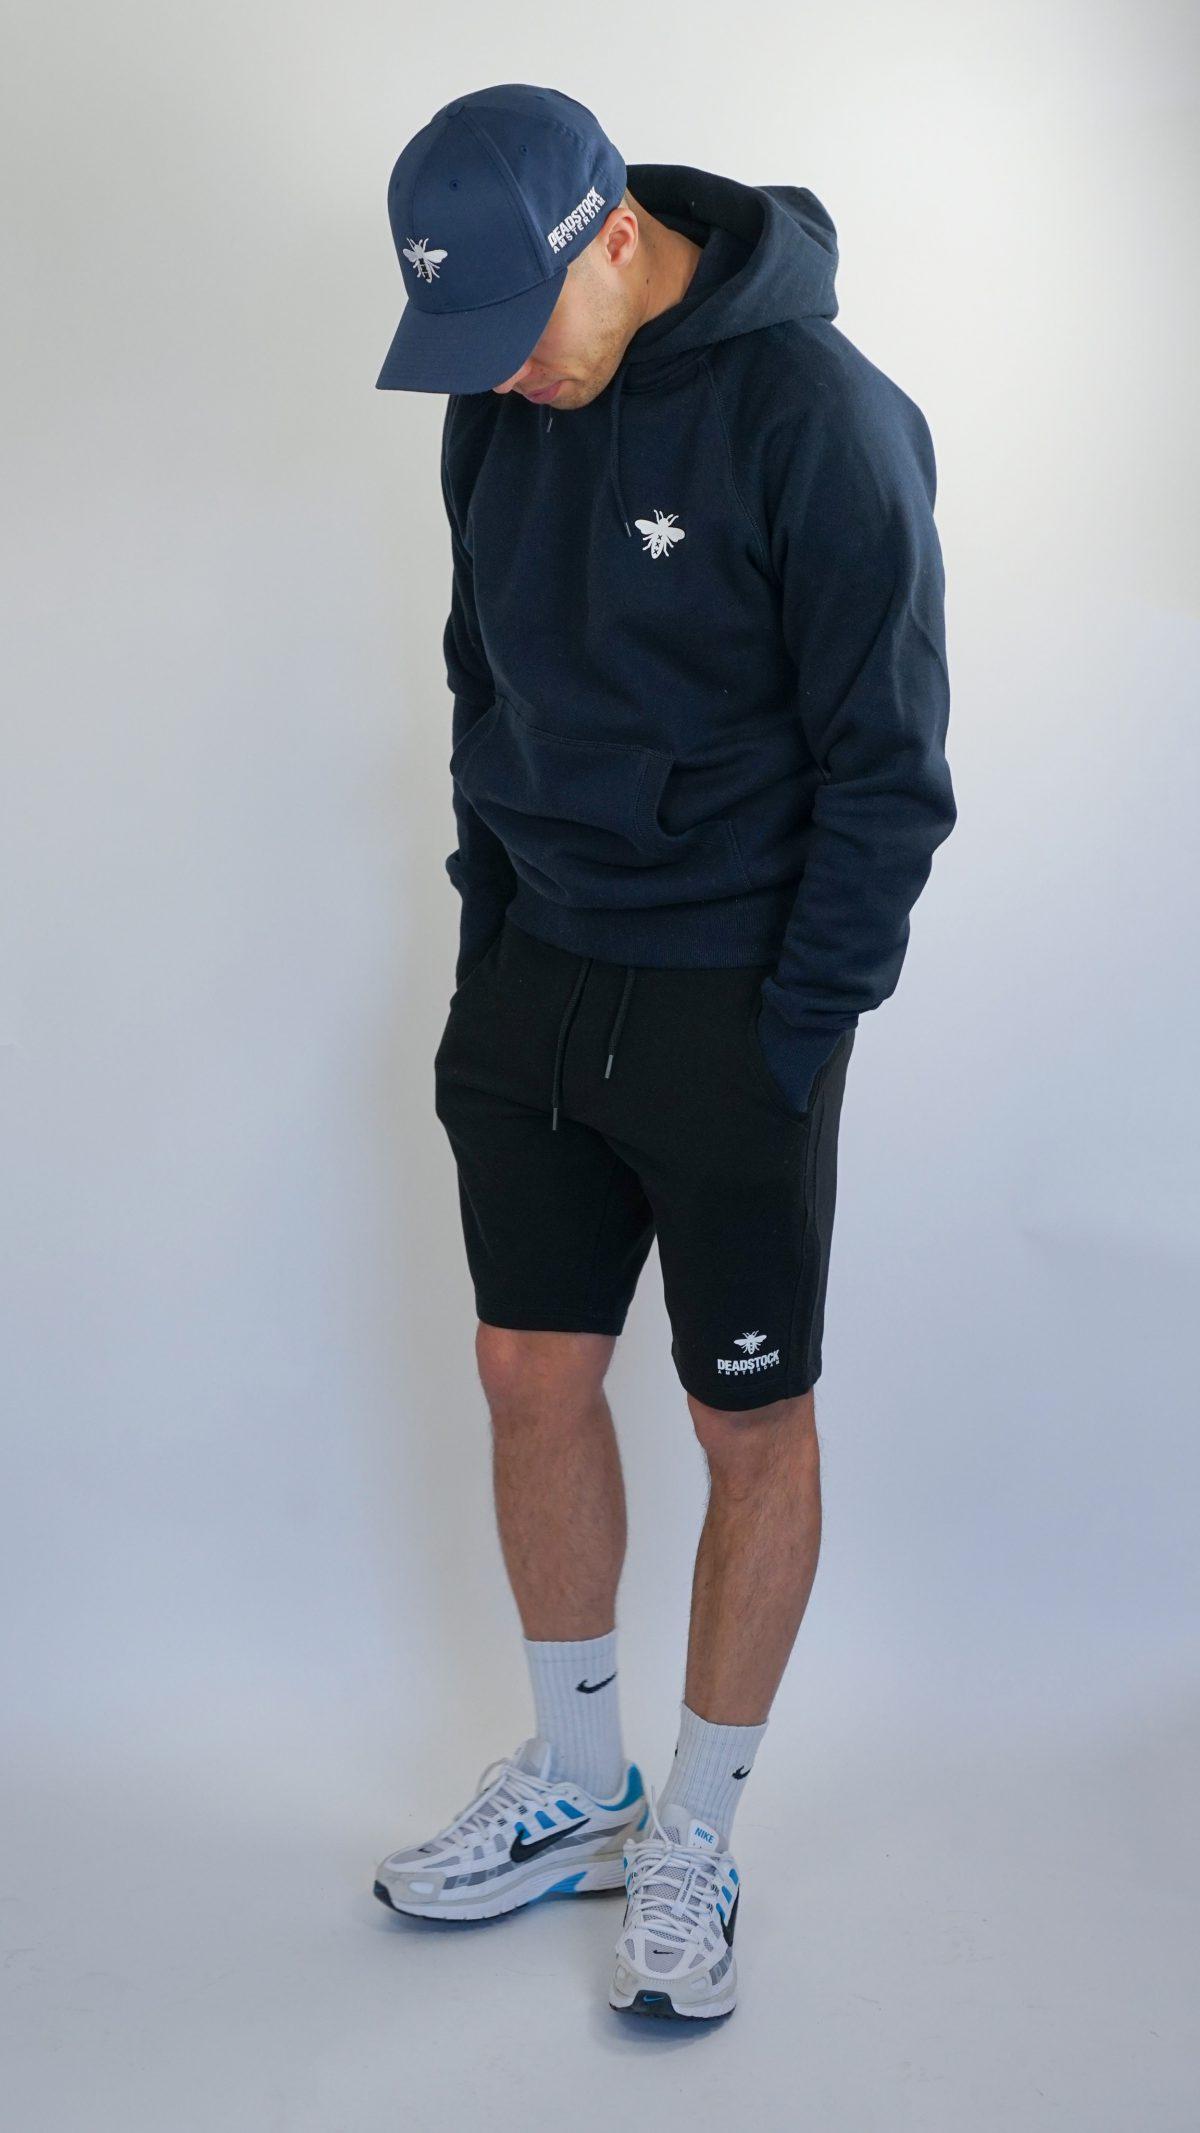 deadstock navy blue short black hoodie